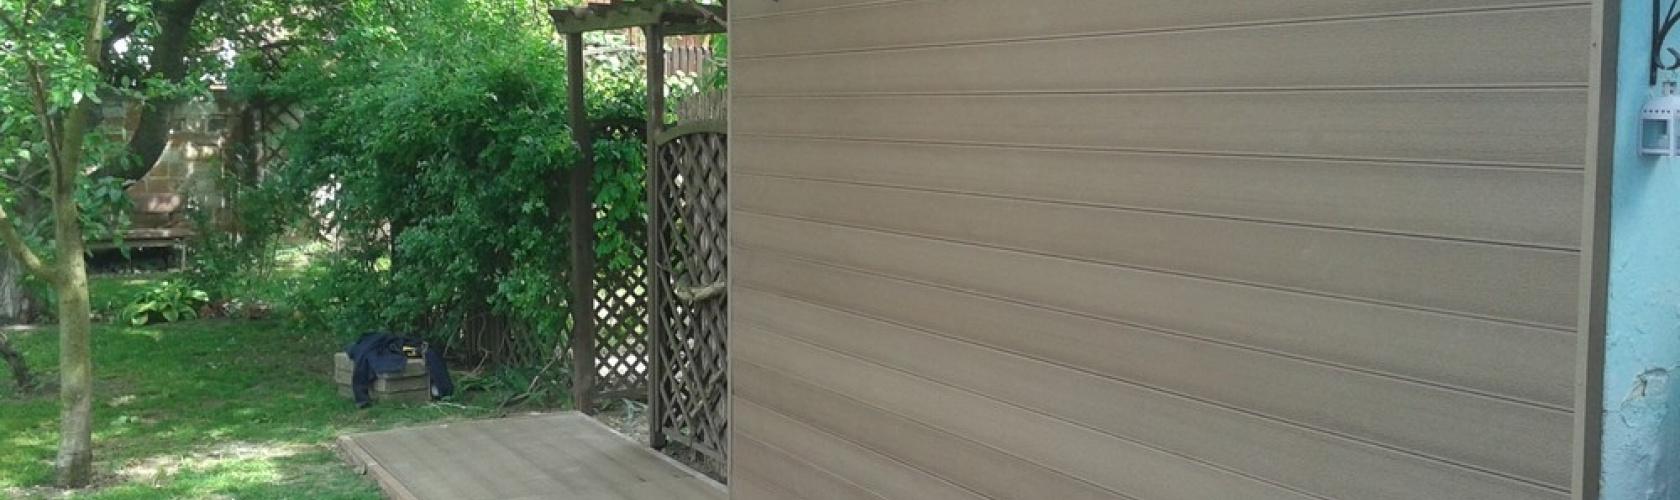 terasy profi wpc slovakia terasy fas dy ploty z hradn doplnky. Black Bedroom Furniture Sets. Home Design Ideas